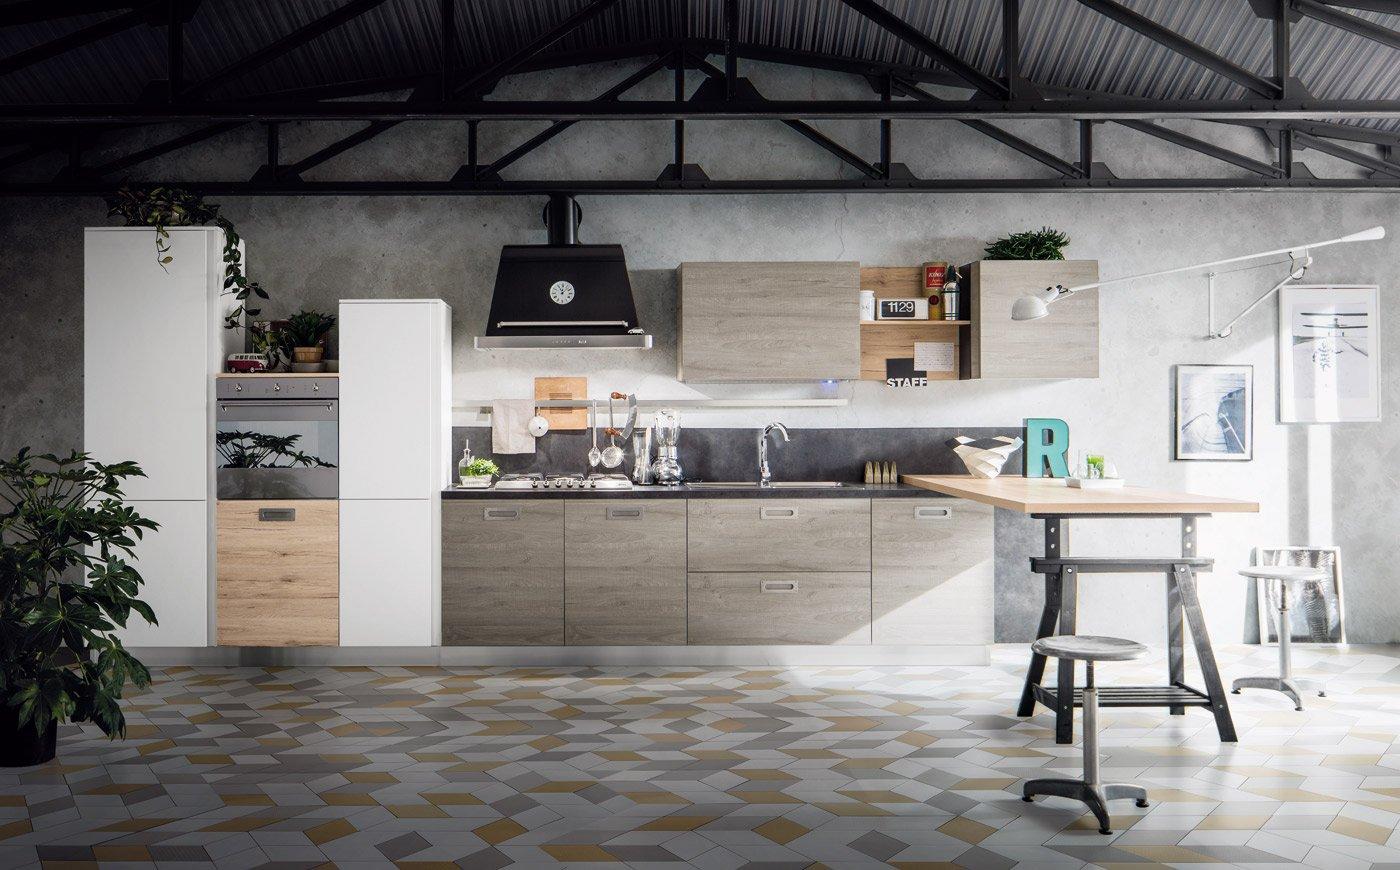 Placcaggio Cucina Moderna. Legno E Pietra A Vista Nella Casa ...